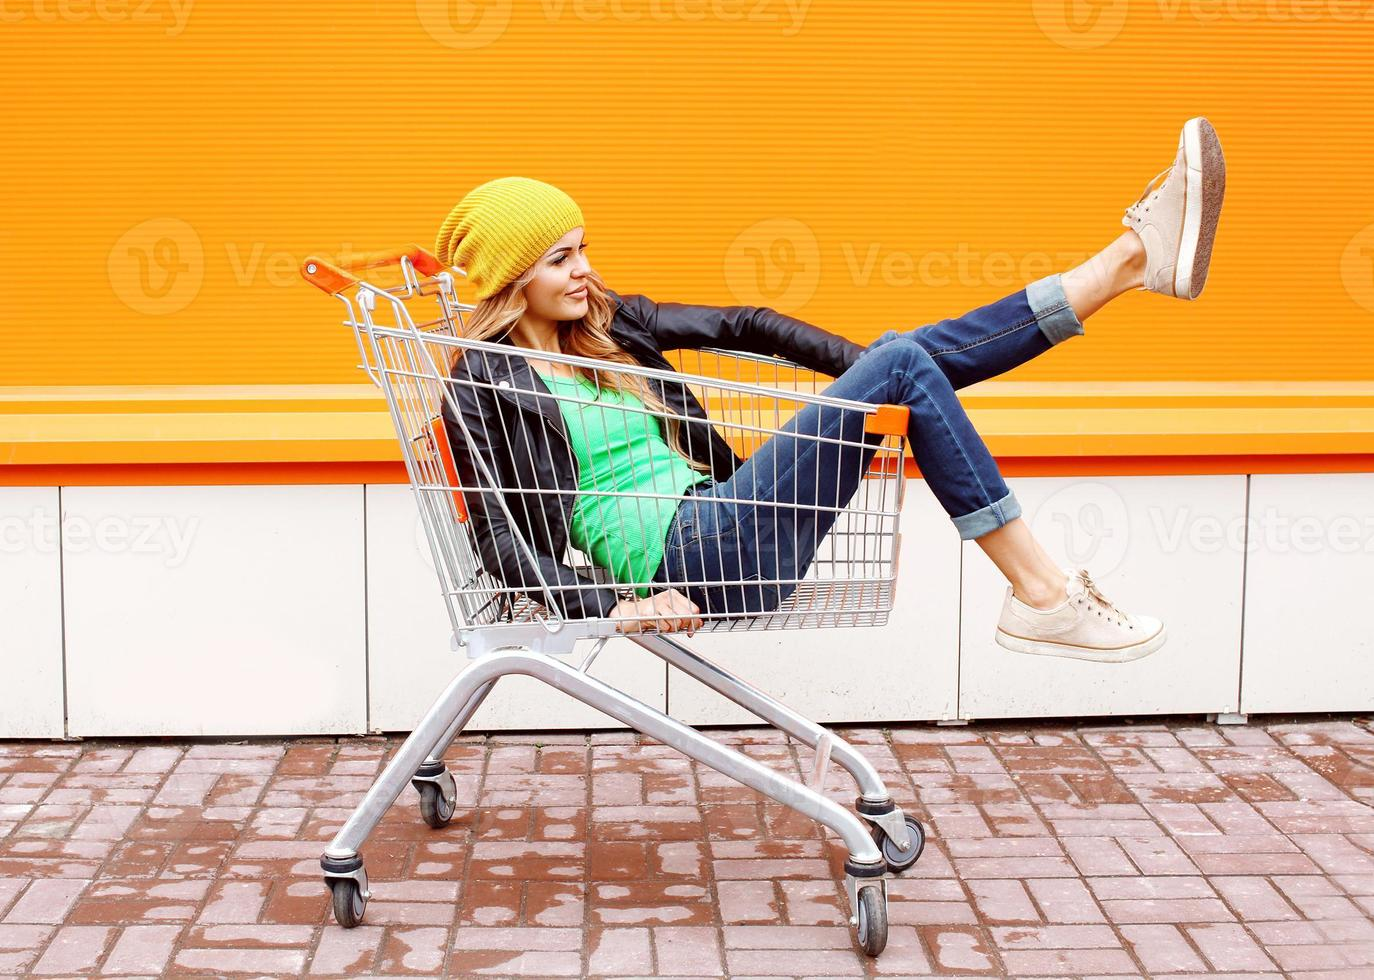 donna di moda equitazione divertirsi nel carrello della spesa foto